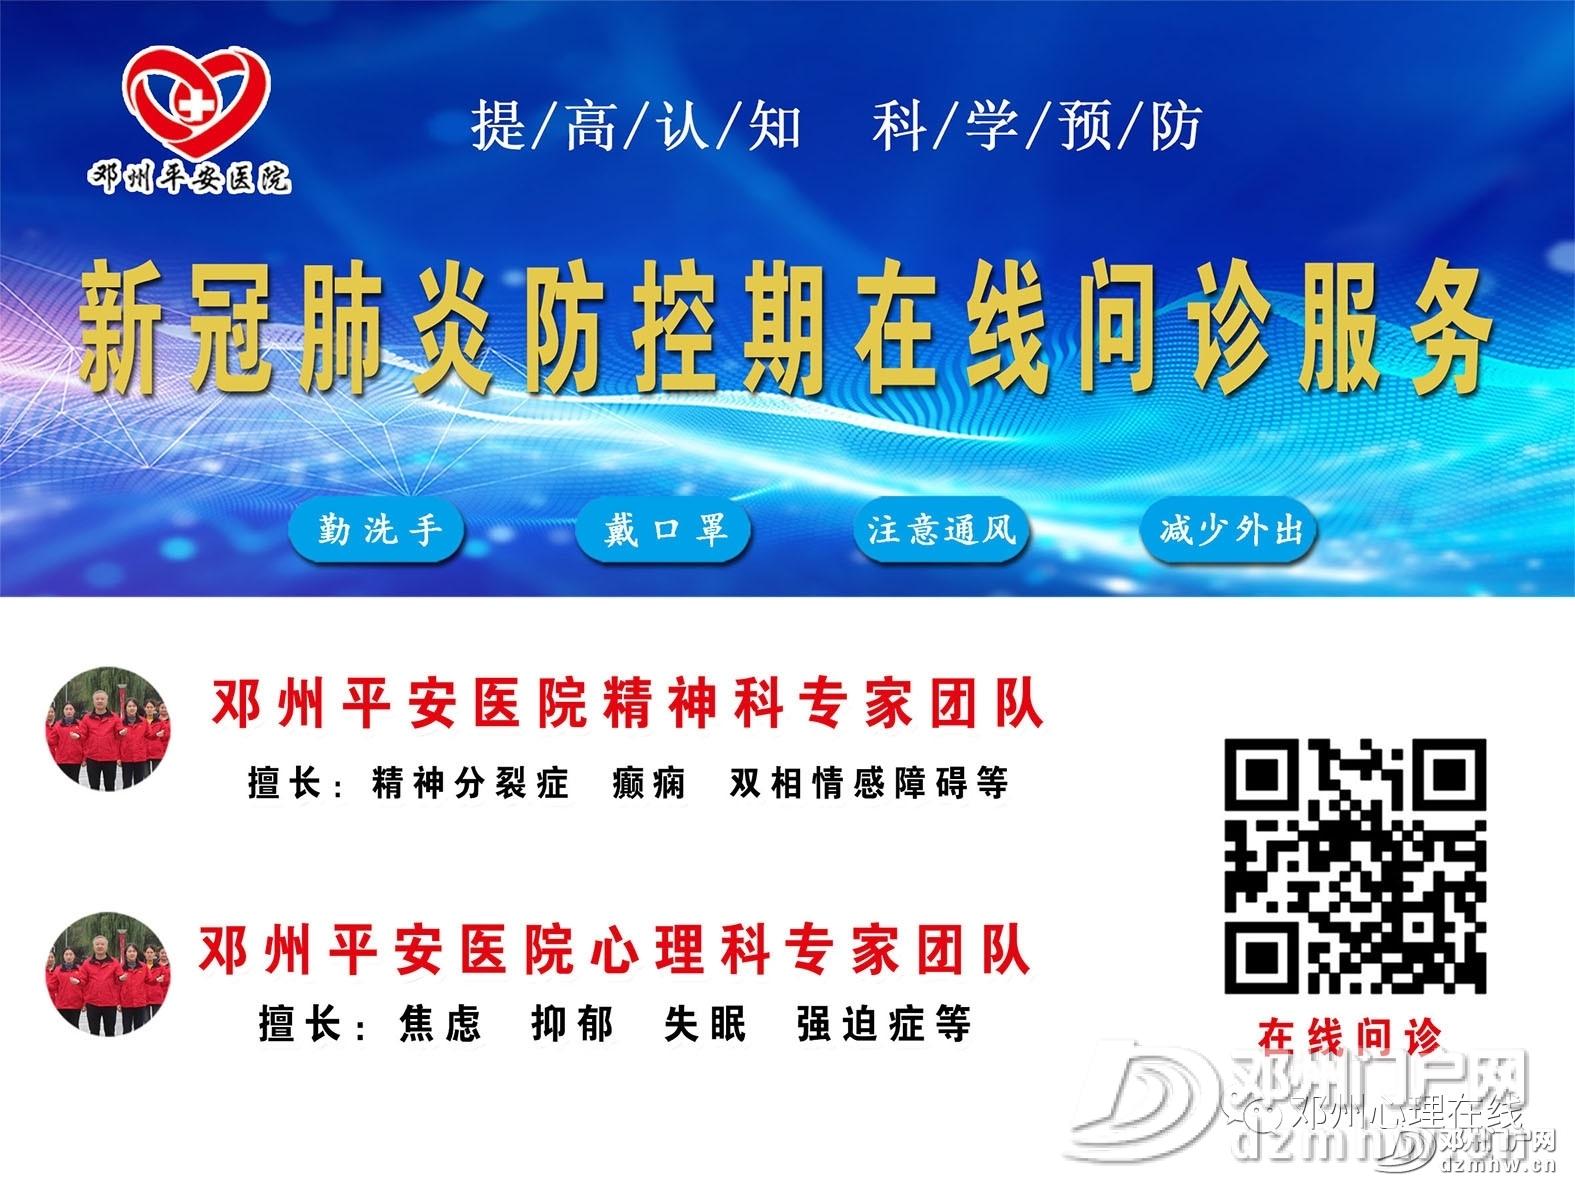 邓州平安医院组建网络救援团队,免费开展疫情心理咨询 - 邓州门户网|邓州网 - afa8221462982d9a40240df4b21f92a6.jpg